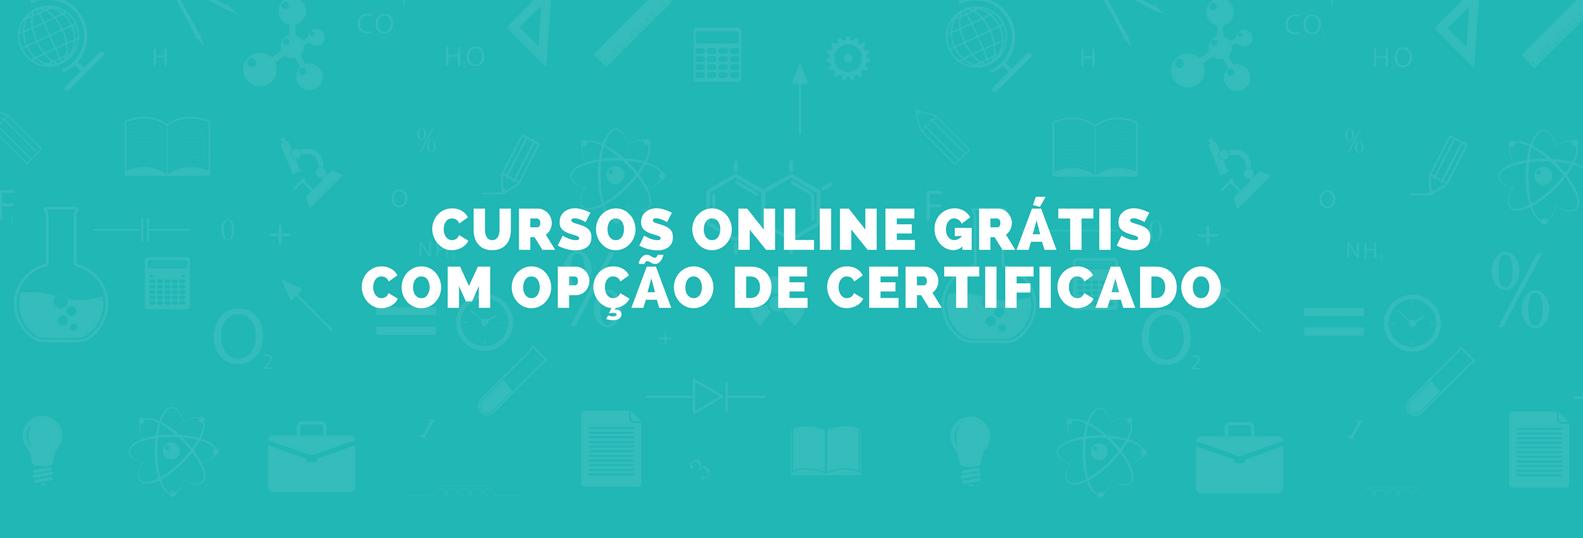 Cursos Online com certificado grátis